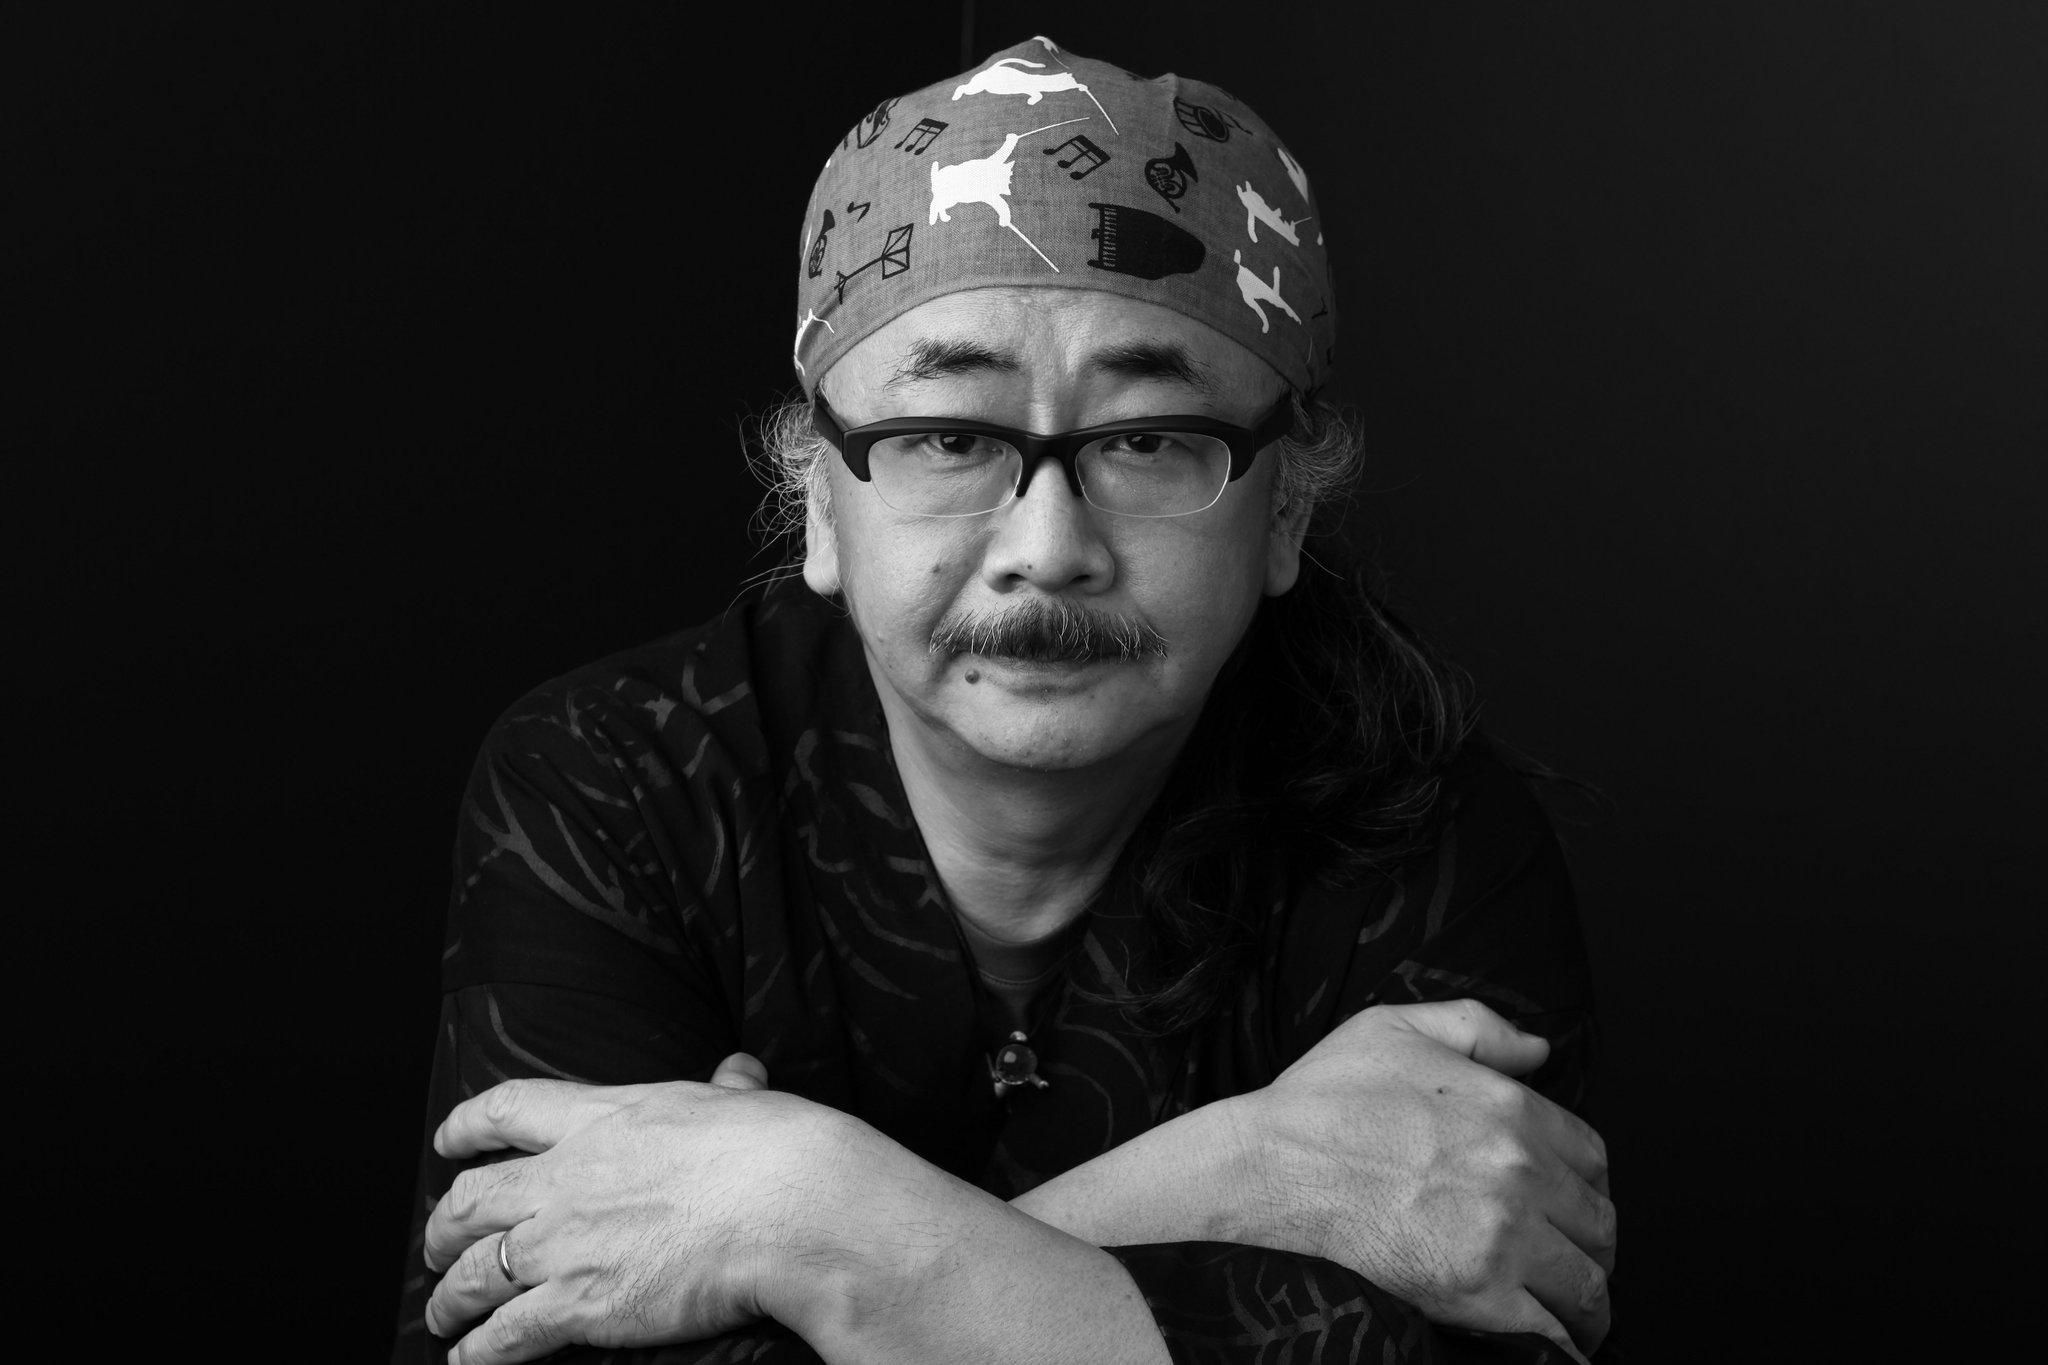 El compositor Nobuo Uematsu se toma un descanso por problemas de salud